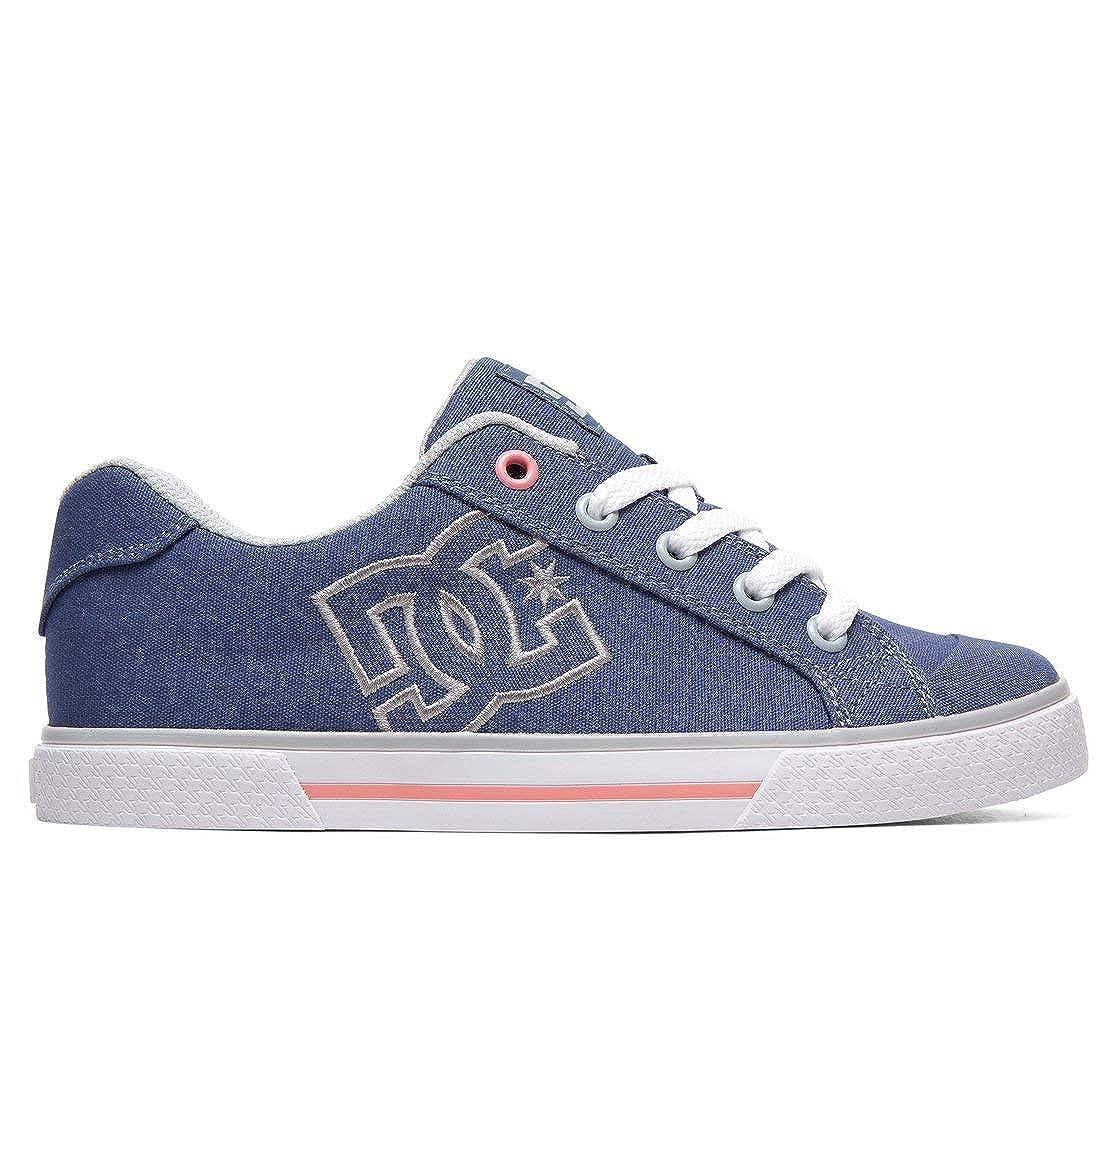 DC schuhe Chelsea TX TX TX - Schuhe für Frauen 303226  b9e346